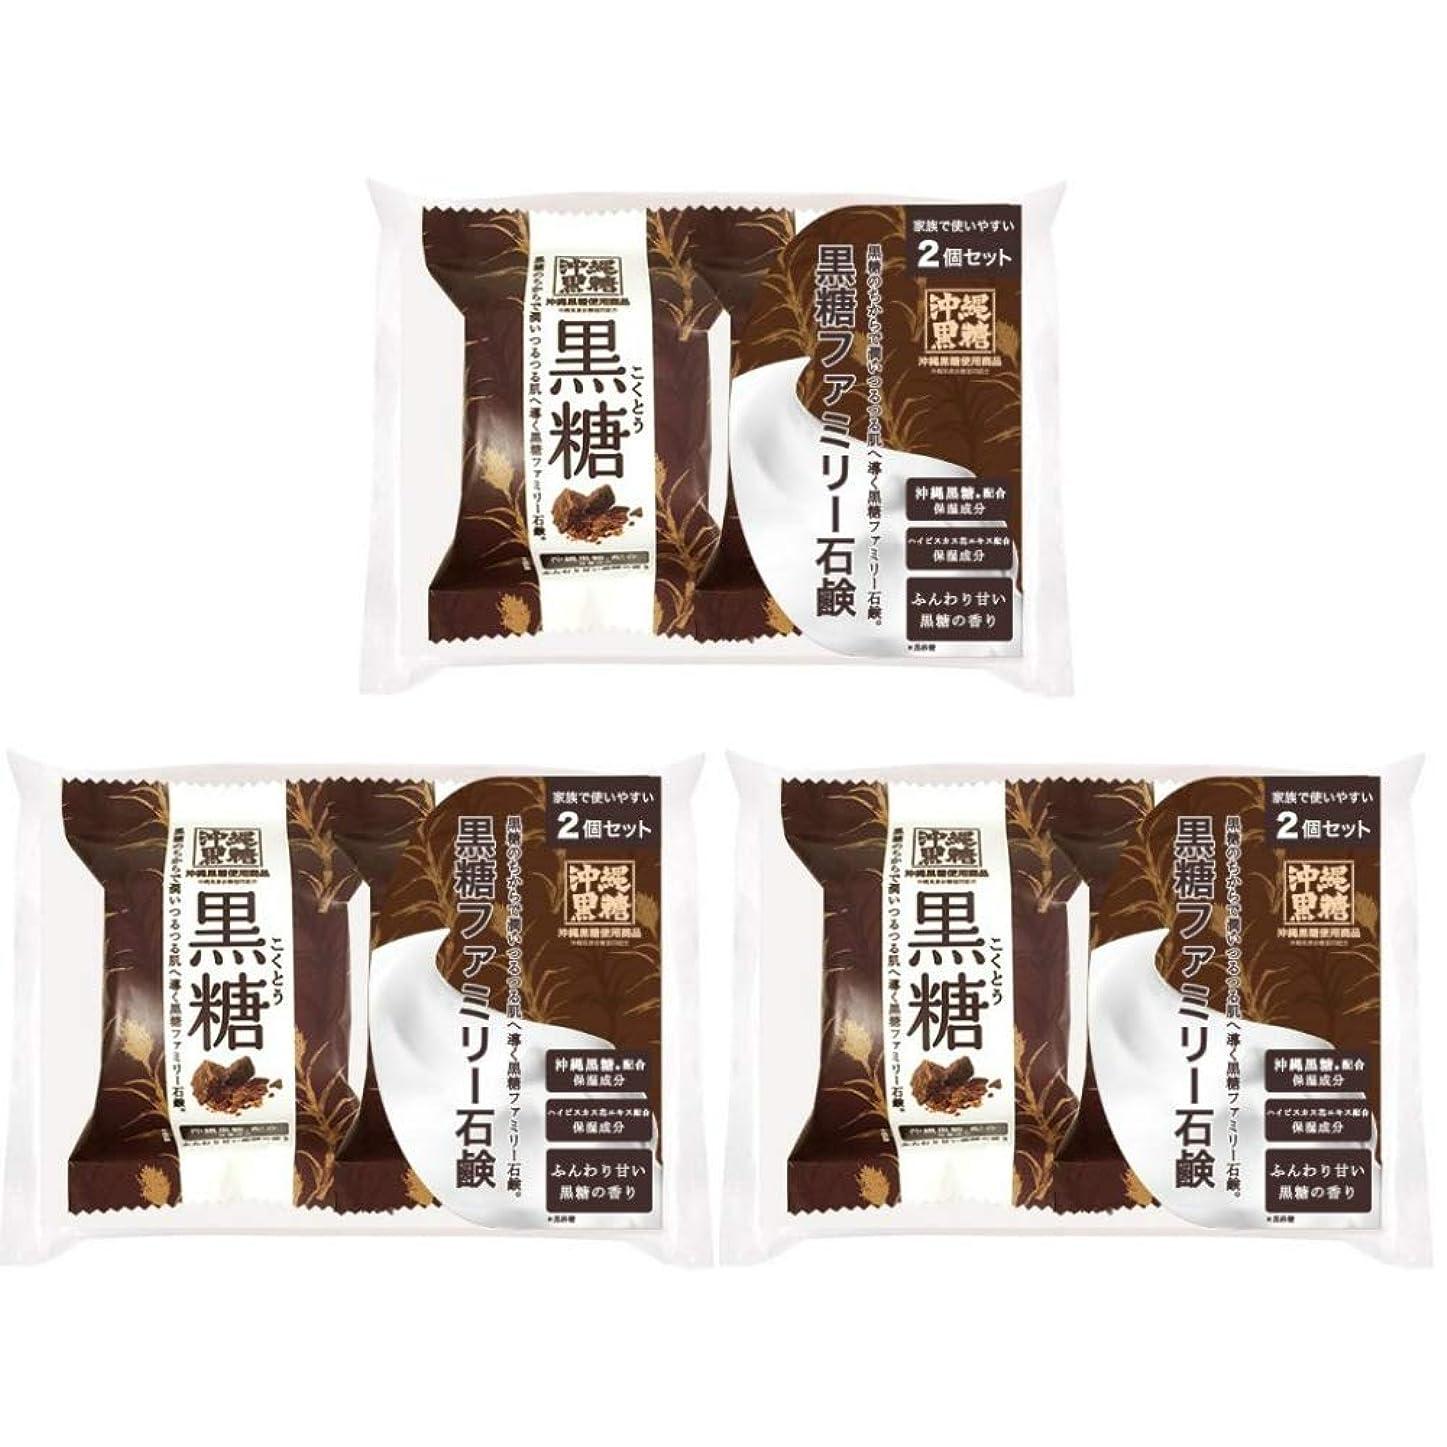 テロリスト調整容赦ない【3個セット】ペリカン石鹸 ファミリー黒糖石鹸 80g×2個